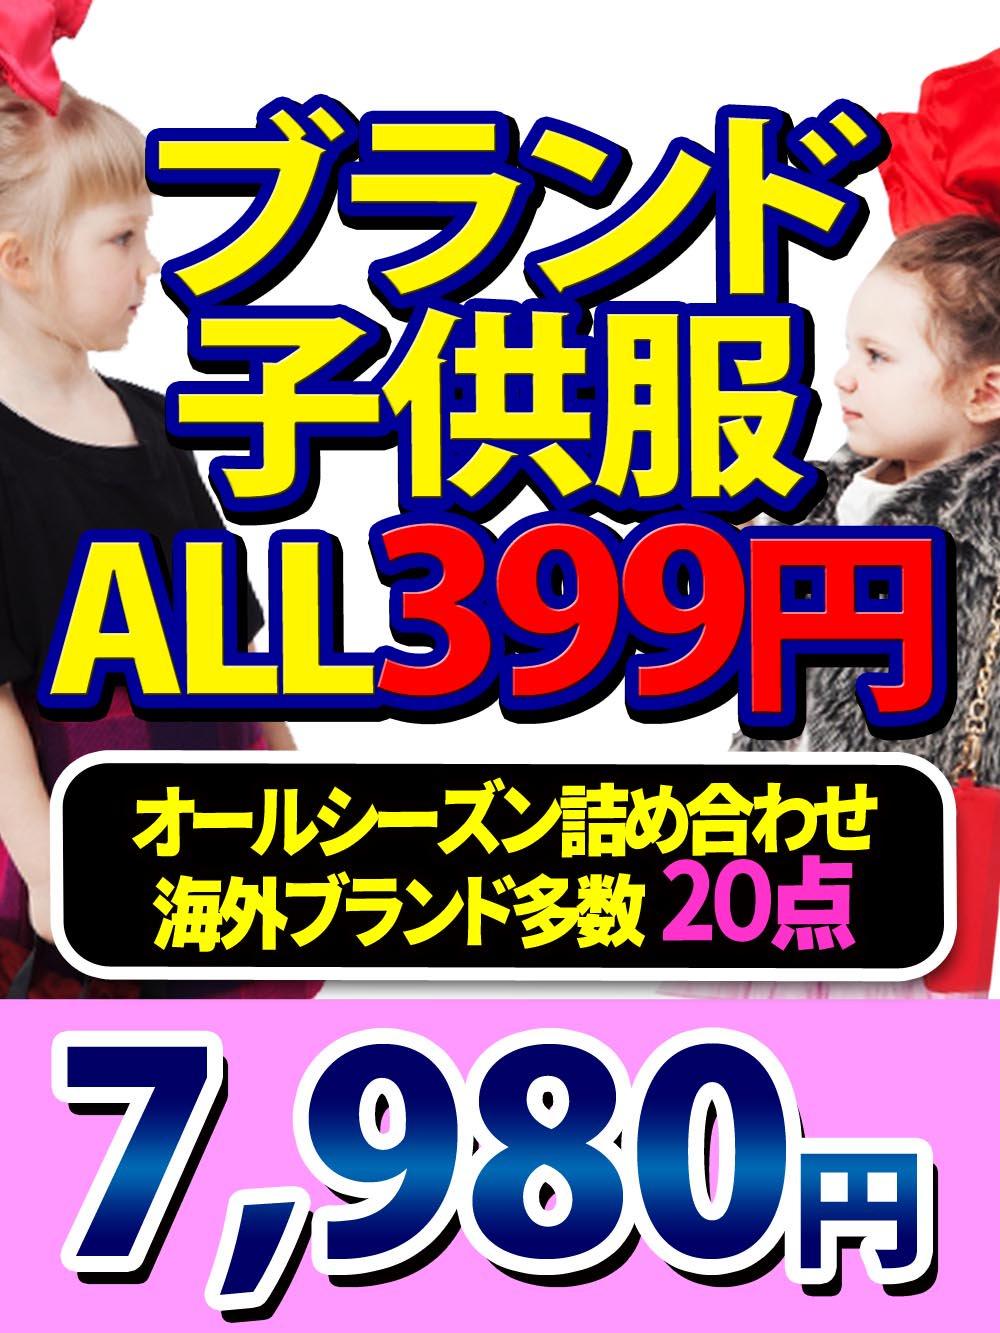 【ブランド子供服】オールシーズン詰め合わせ!海外ブランド多数20点@399